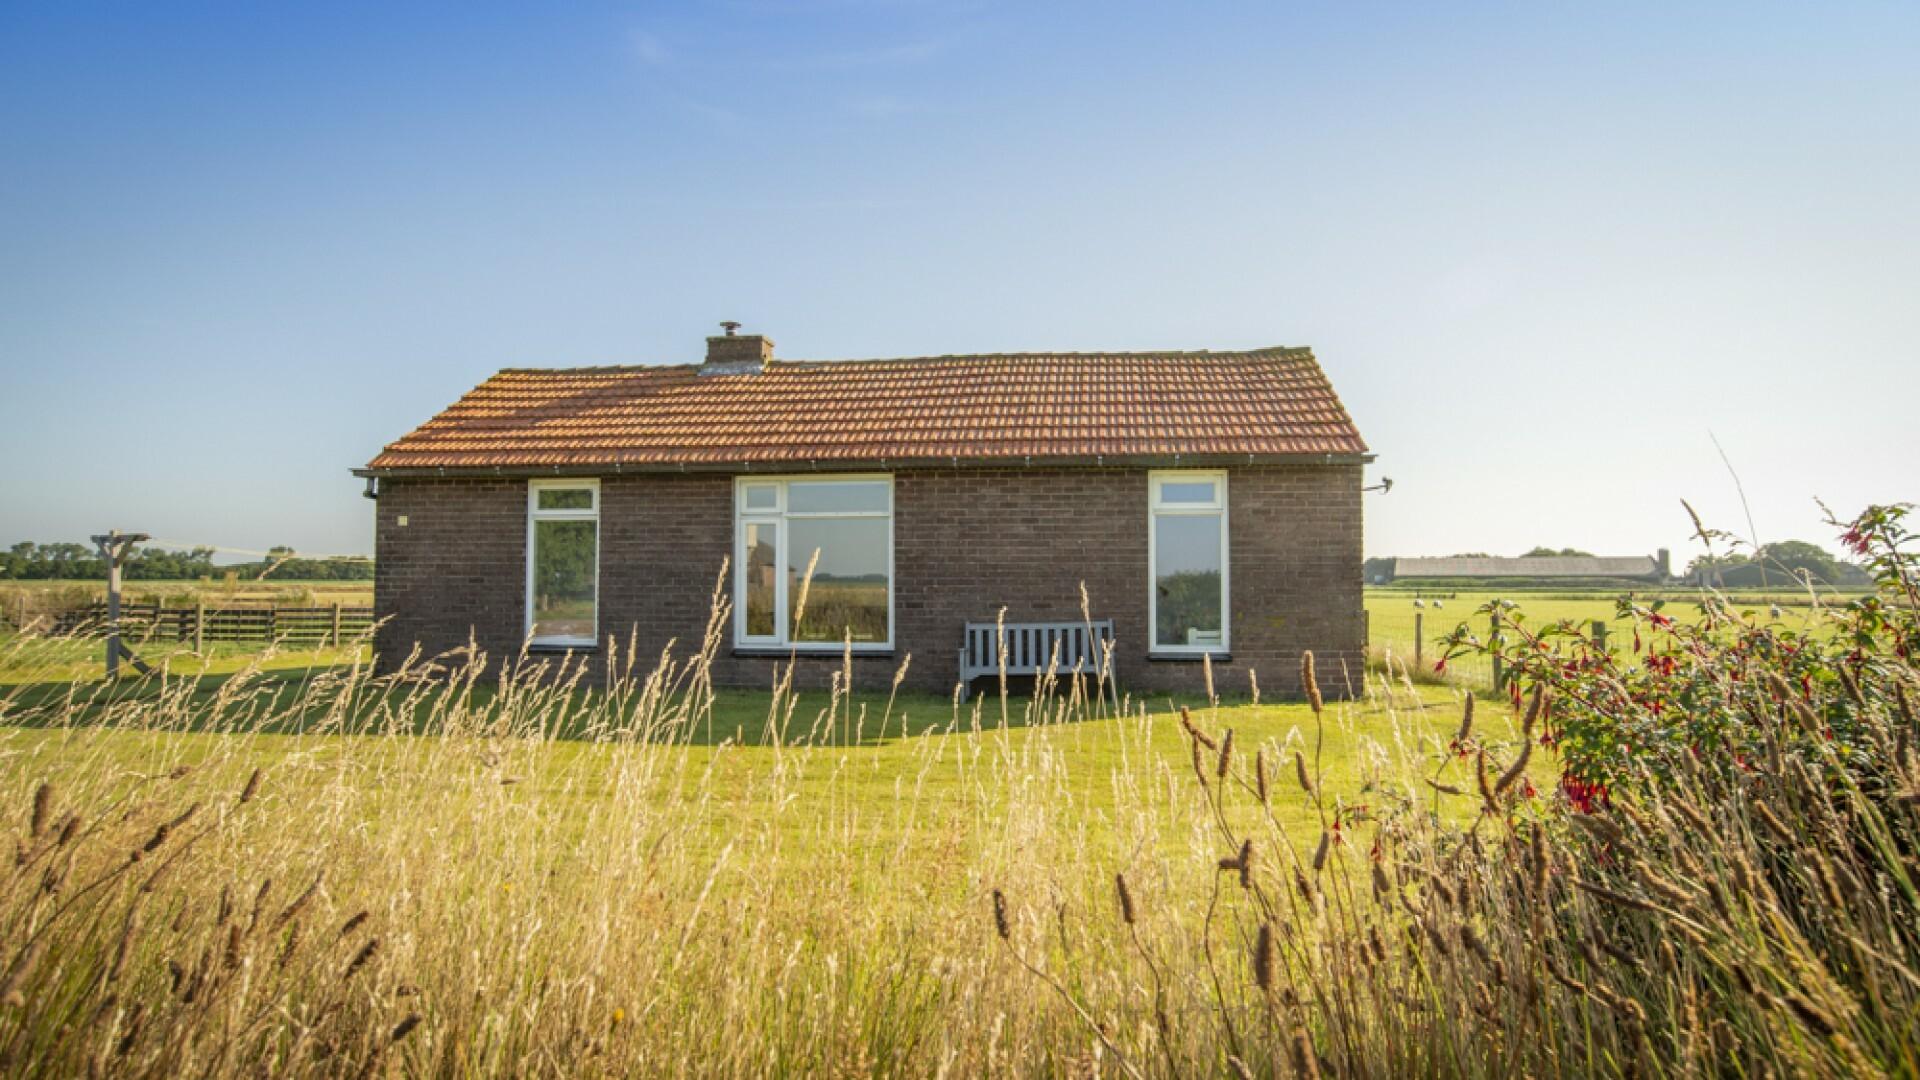 Huisje Schiller in De Waal VVV Texel